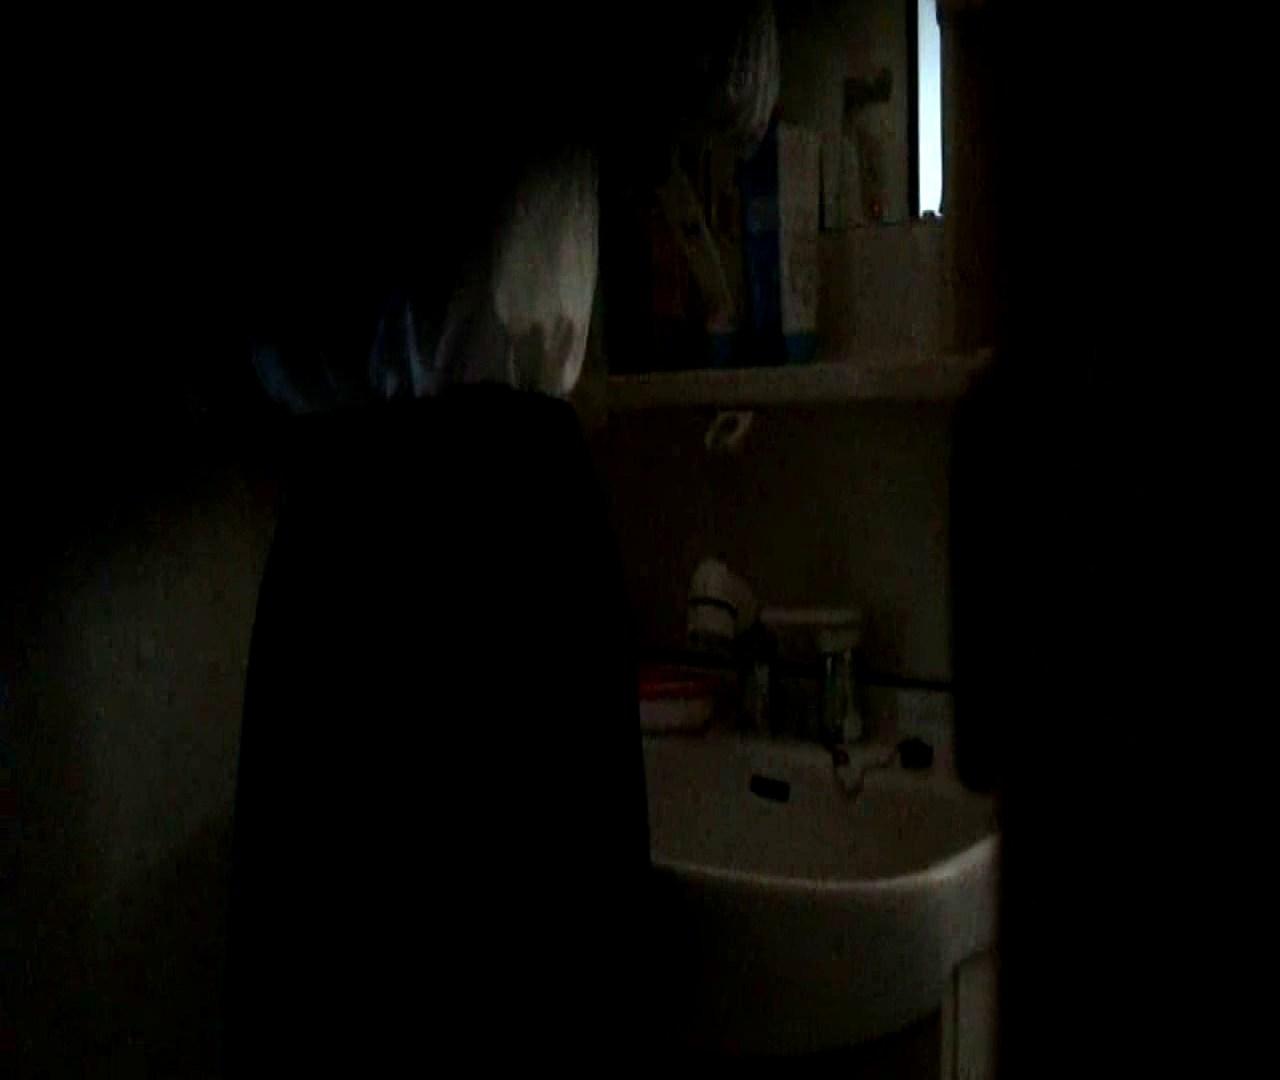 二人とも育てた甲斐がありました… vol.05 まどかが洗顔後にブラを洗濯 美しいOLの裸体 | 0  102pic 37